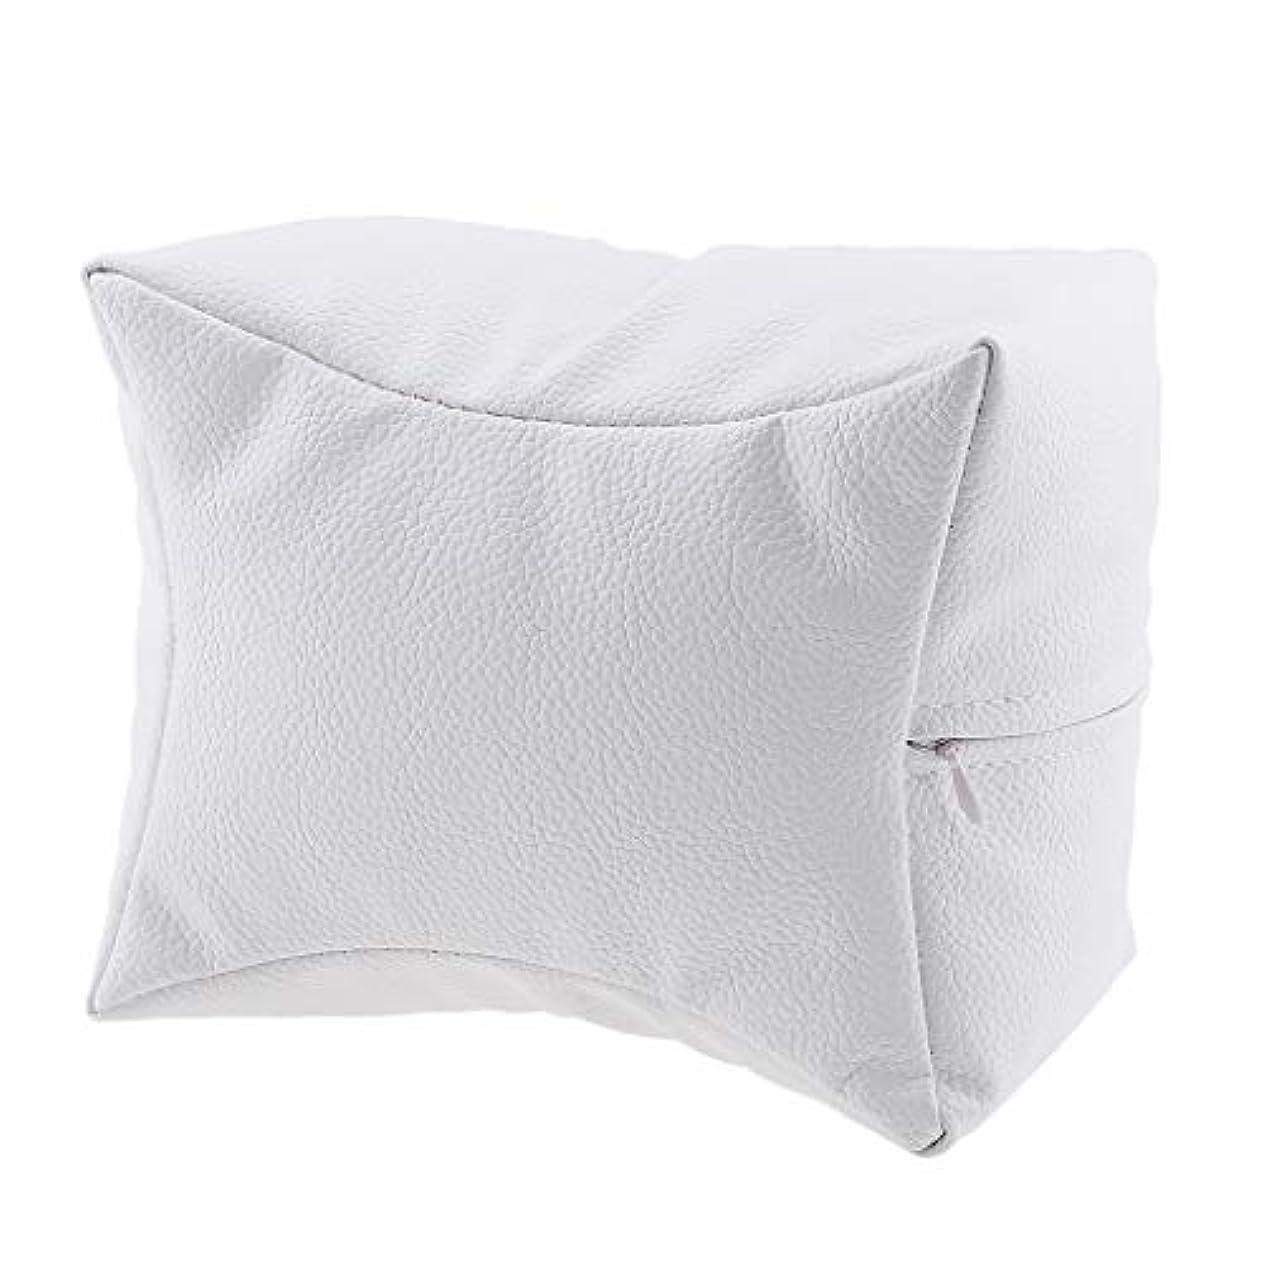 オリエンタルホイップ火傷P Prettyia ネイルハンドピロー プロ ネイルサロン 手枕 レストピロー ネイルケア 4色選べ - 白